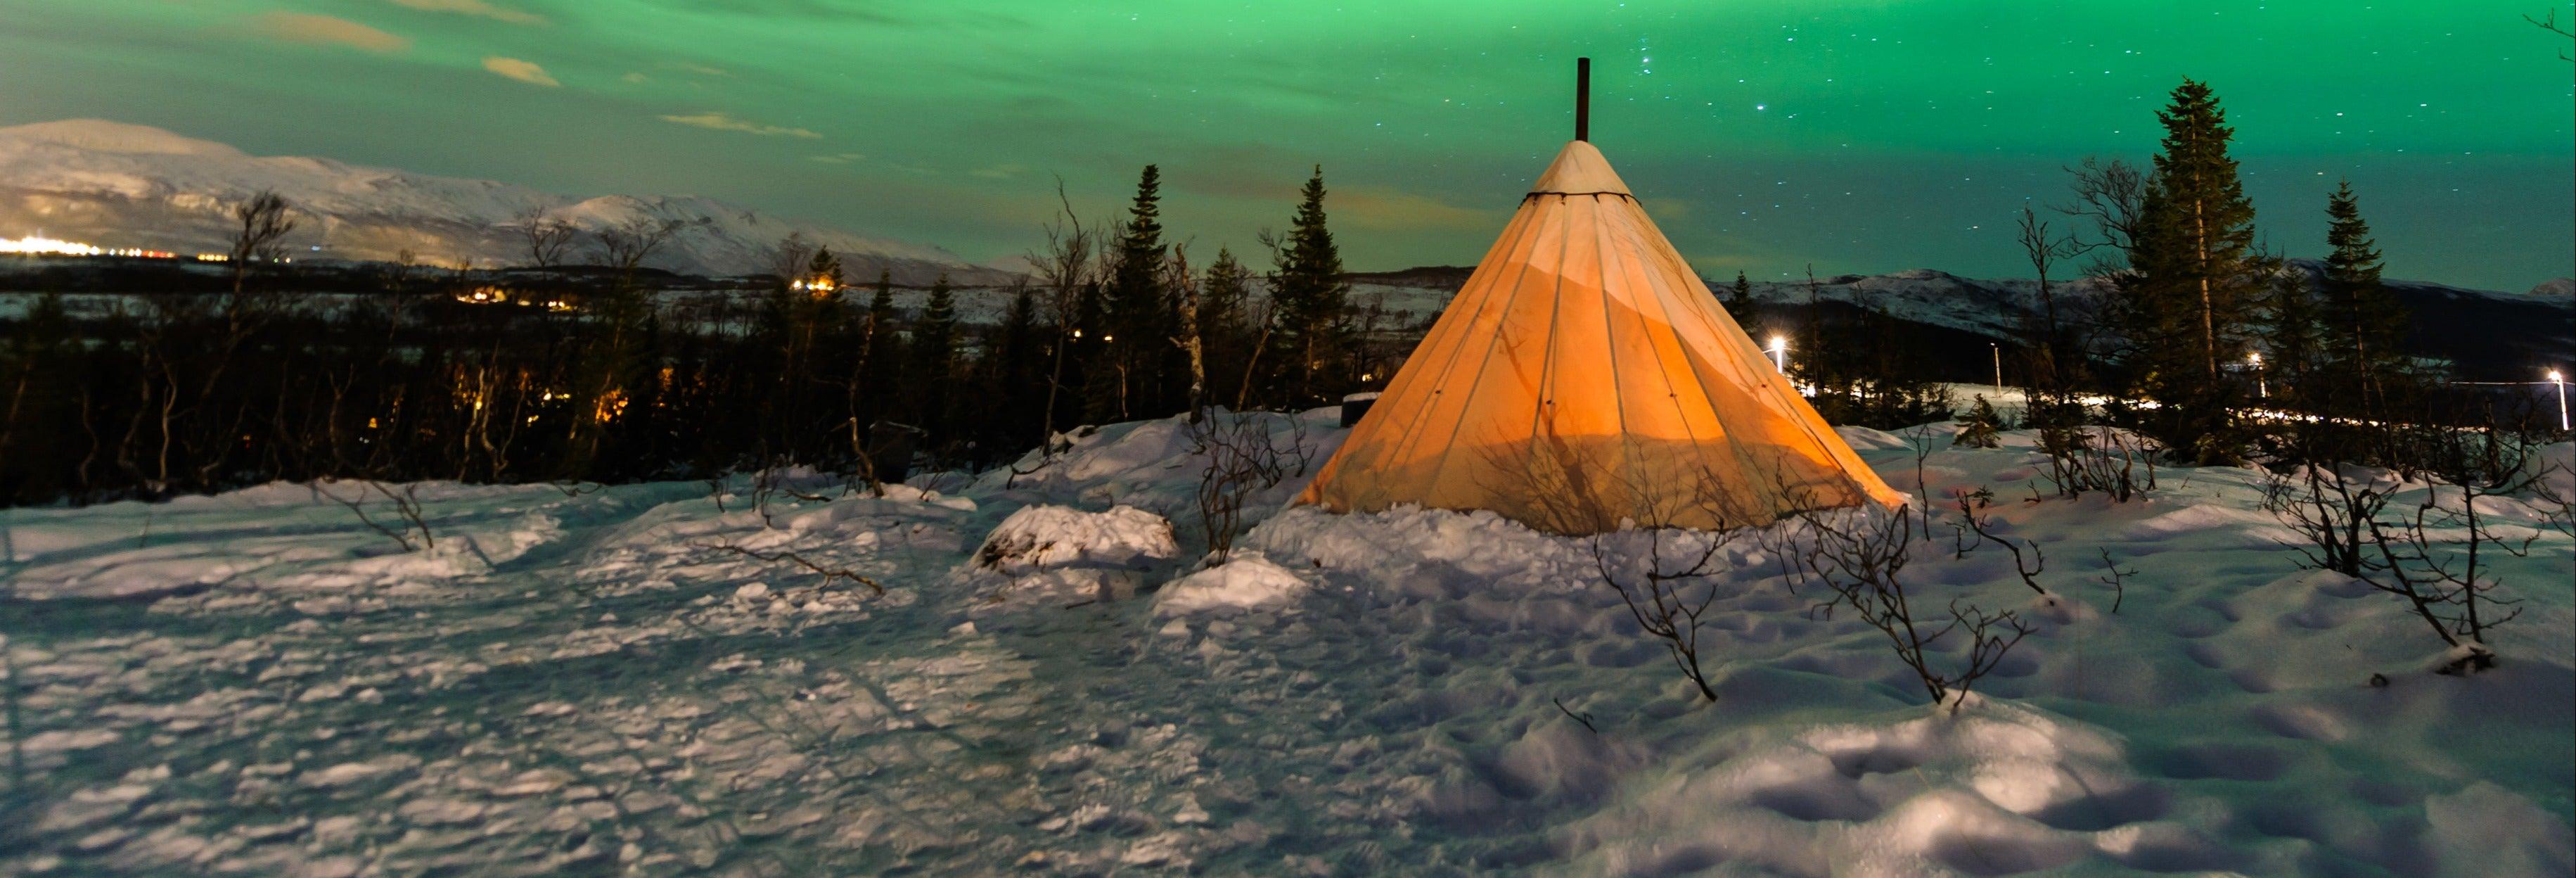 Noche en un campamento sami